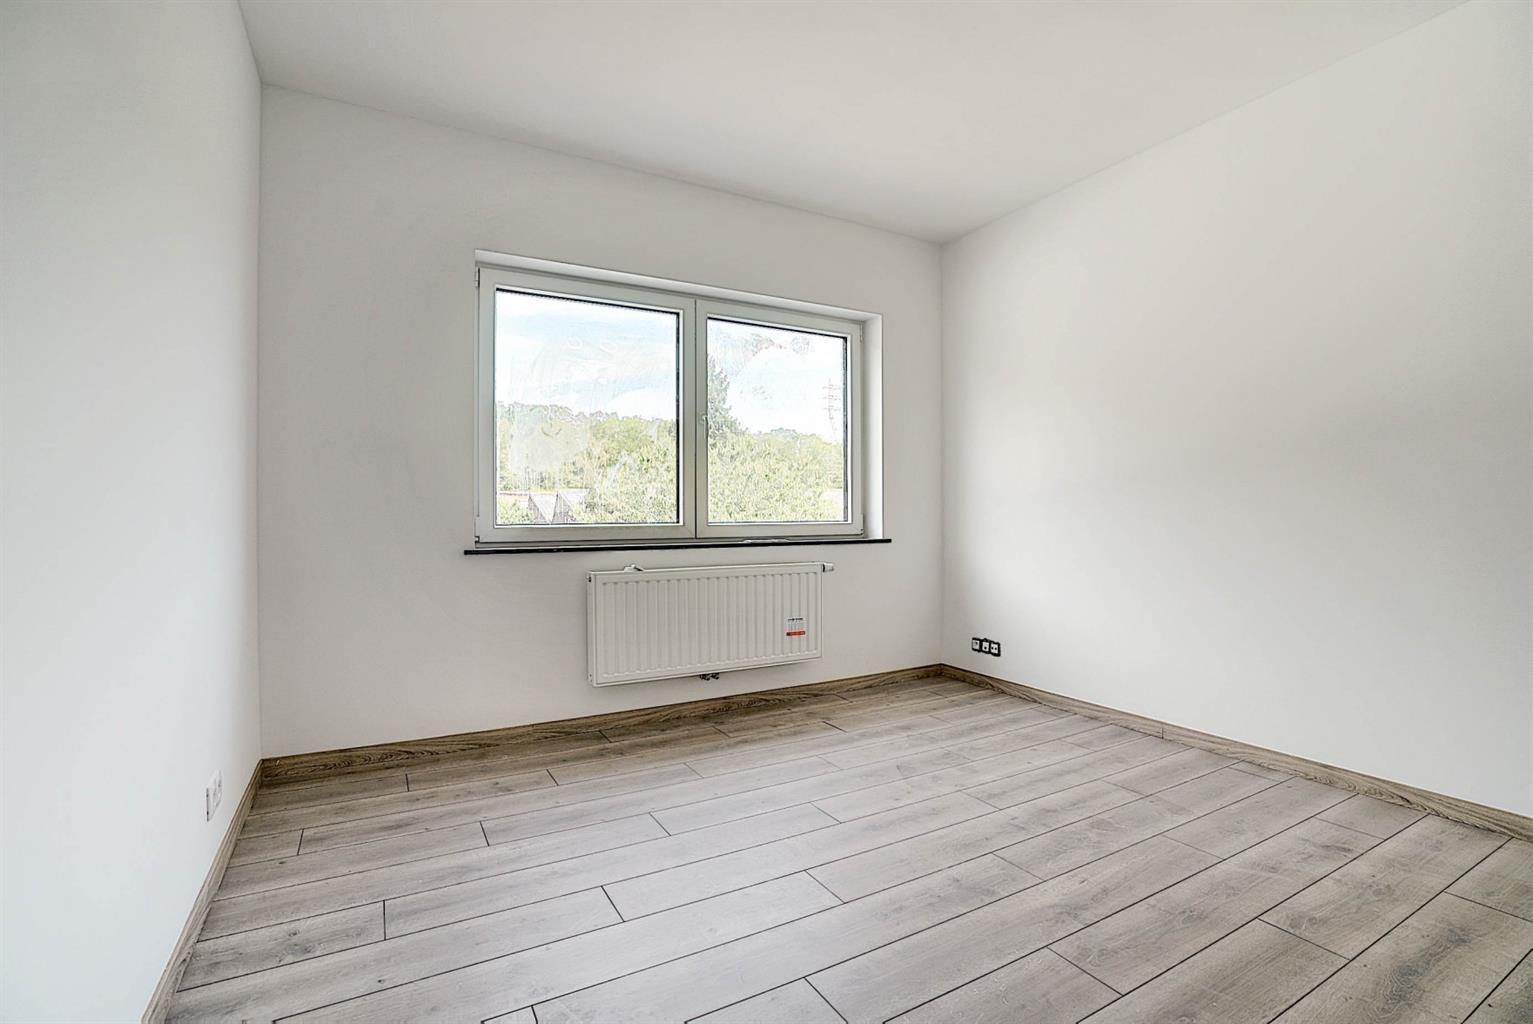 Appartement - Herstal - #4148218-8